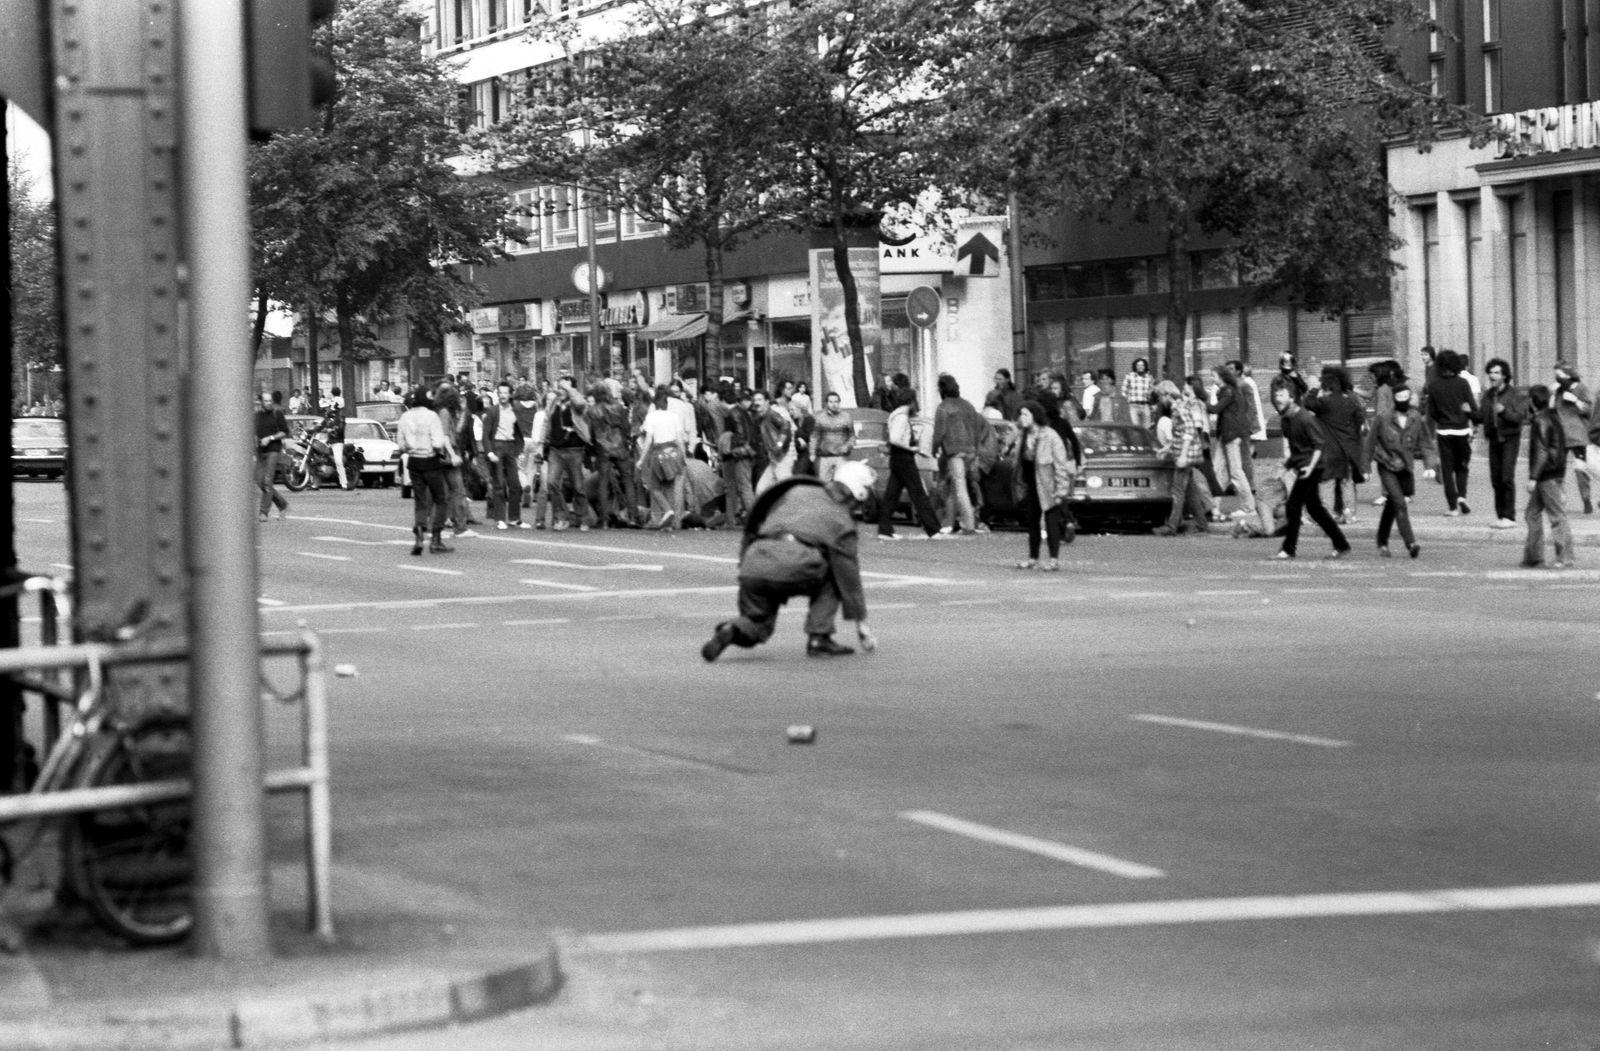 Der überfahrene Klaus-Jürgen Rattay umgeben von Demonstranten, Potsdamer Straße, 22.9.1981 Der rechte Innensenator Heinr